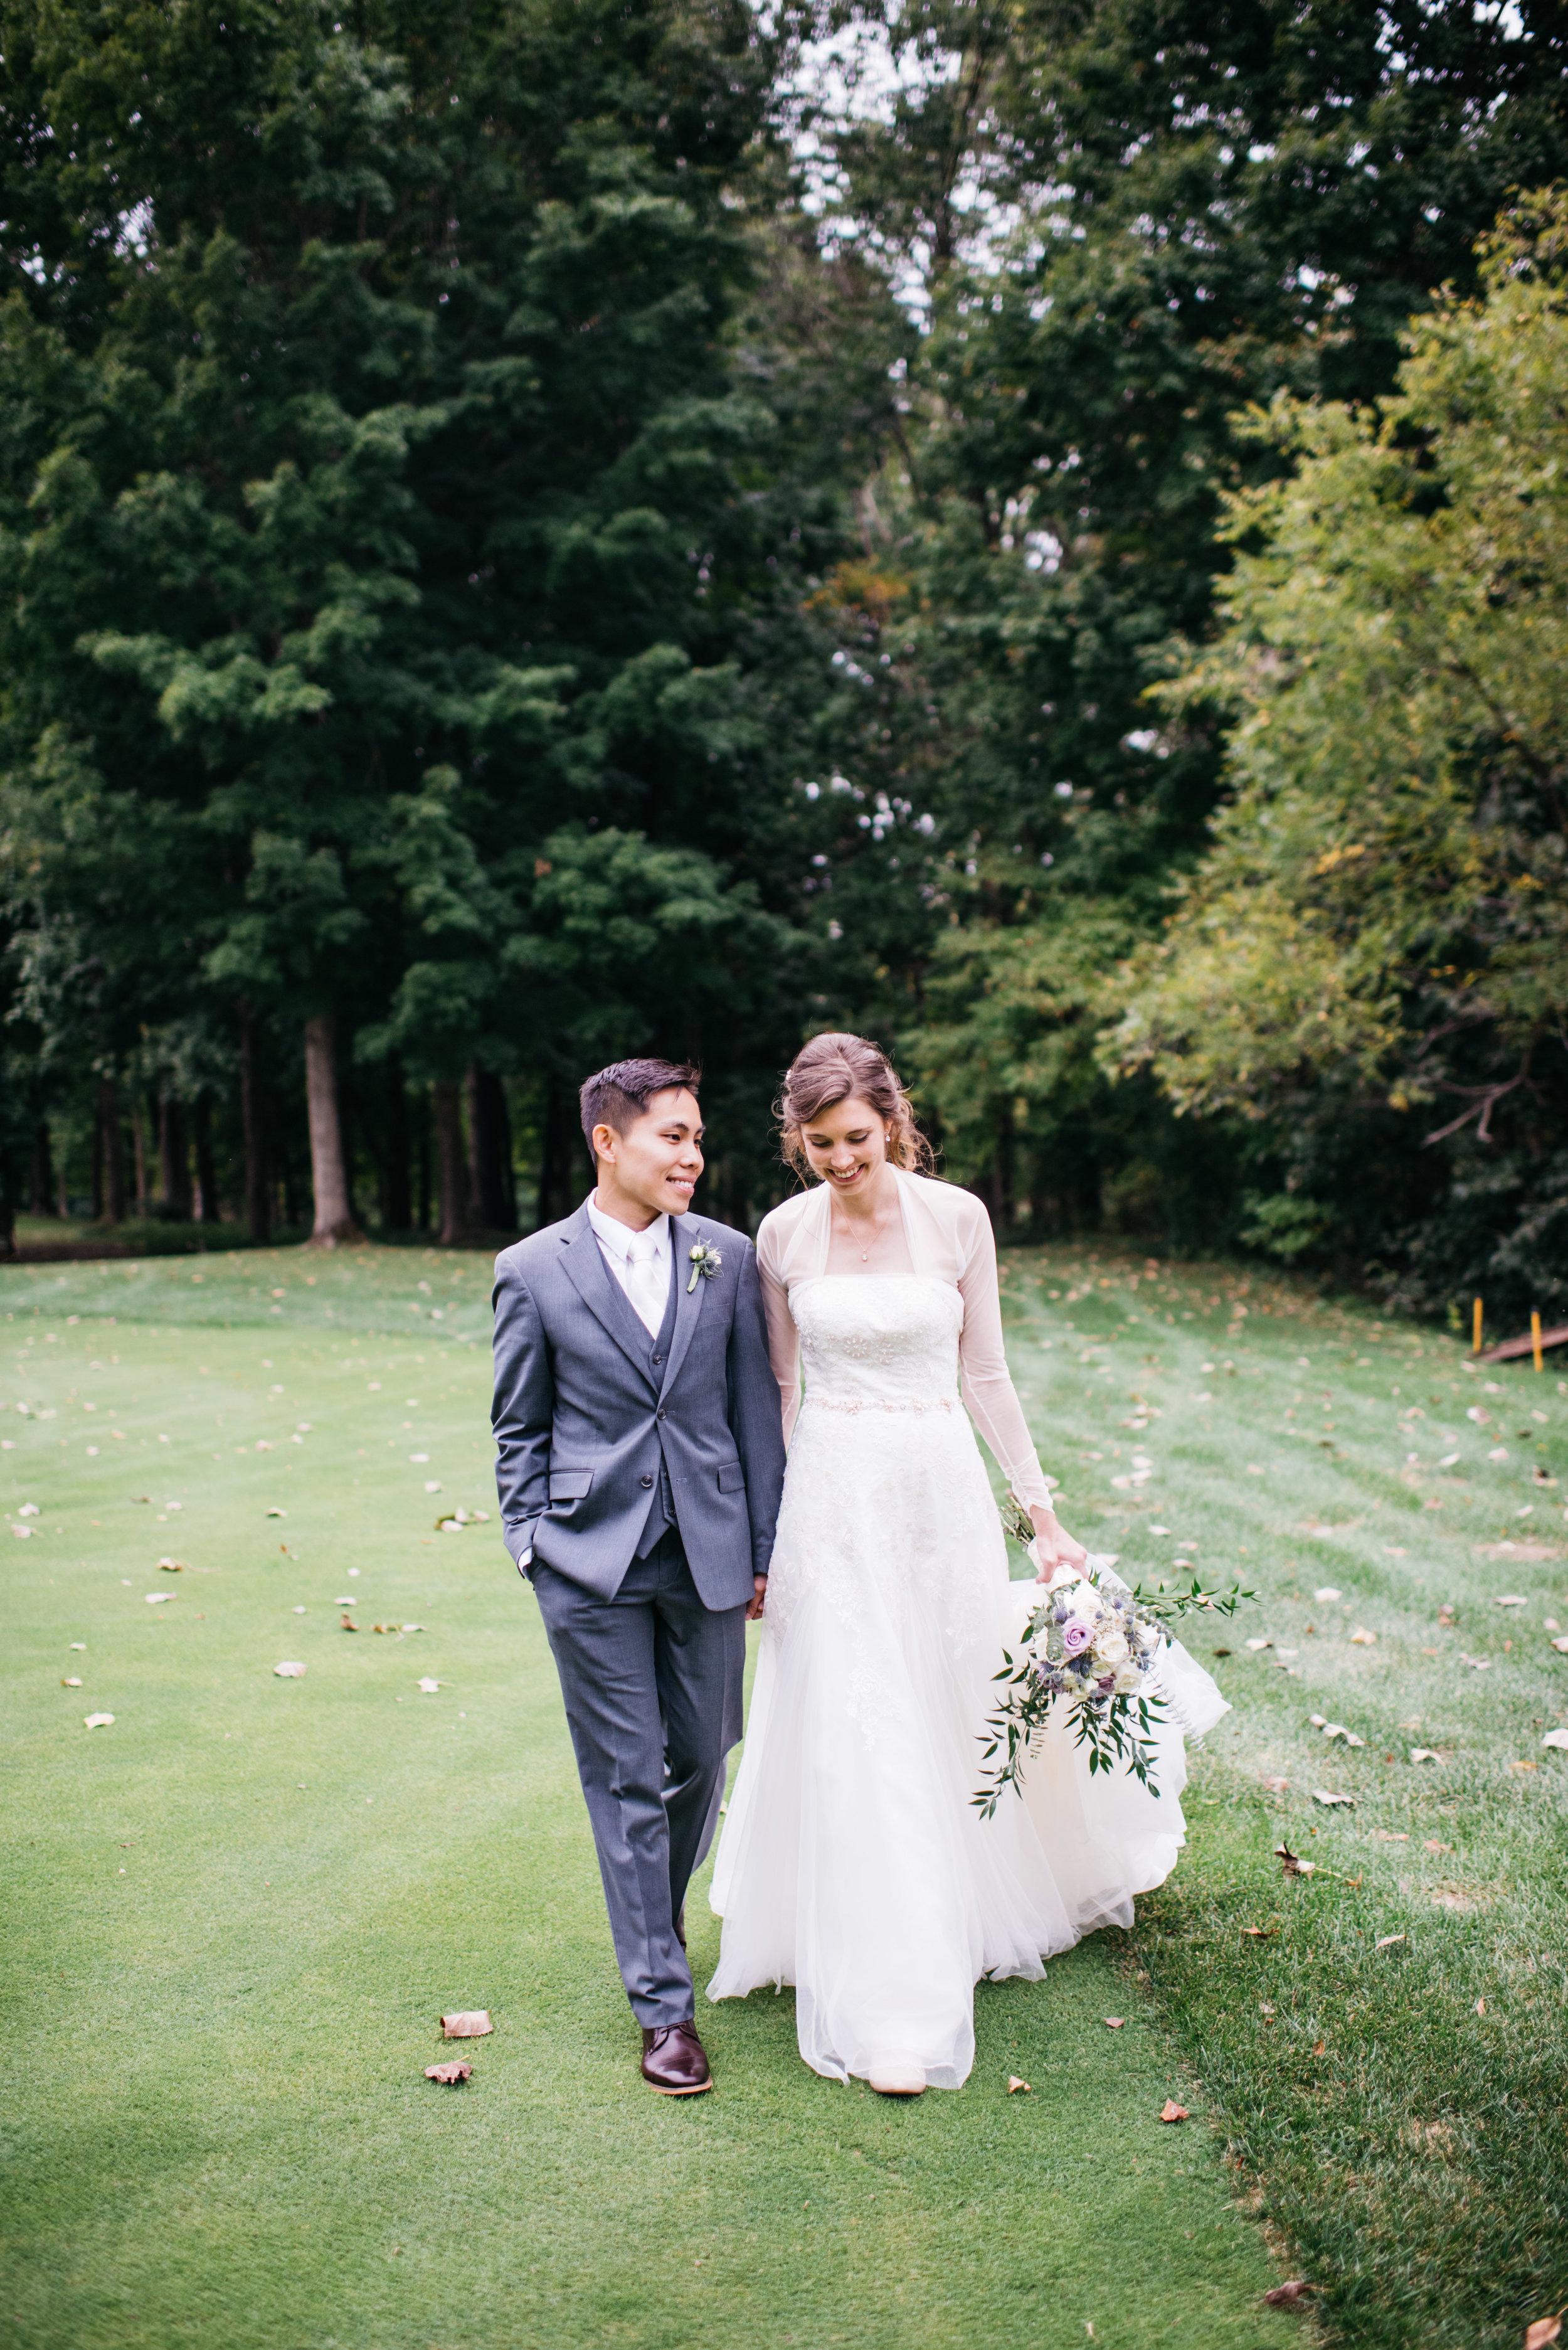 erika aileen union west lafayette wedding photographer coyote crossing